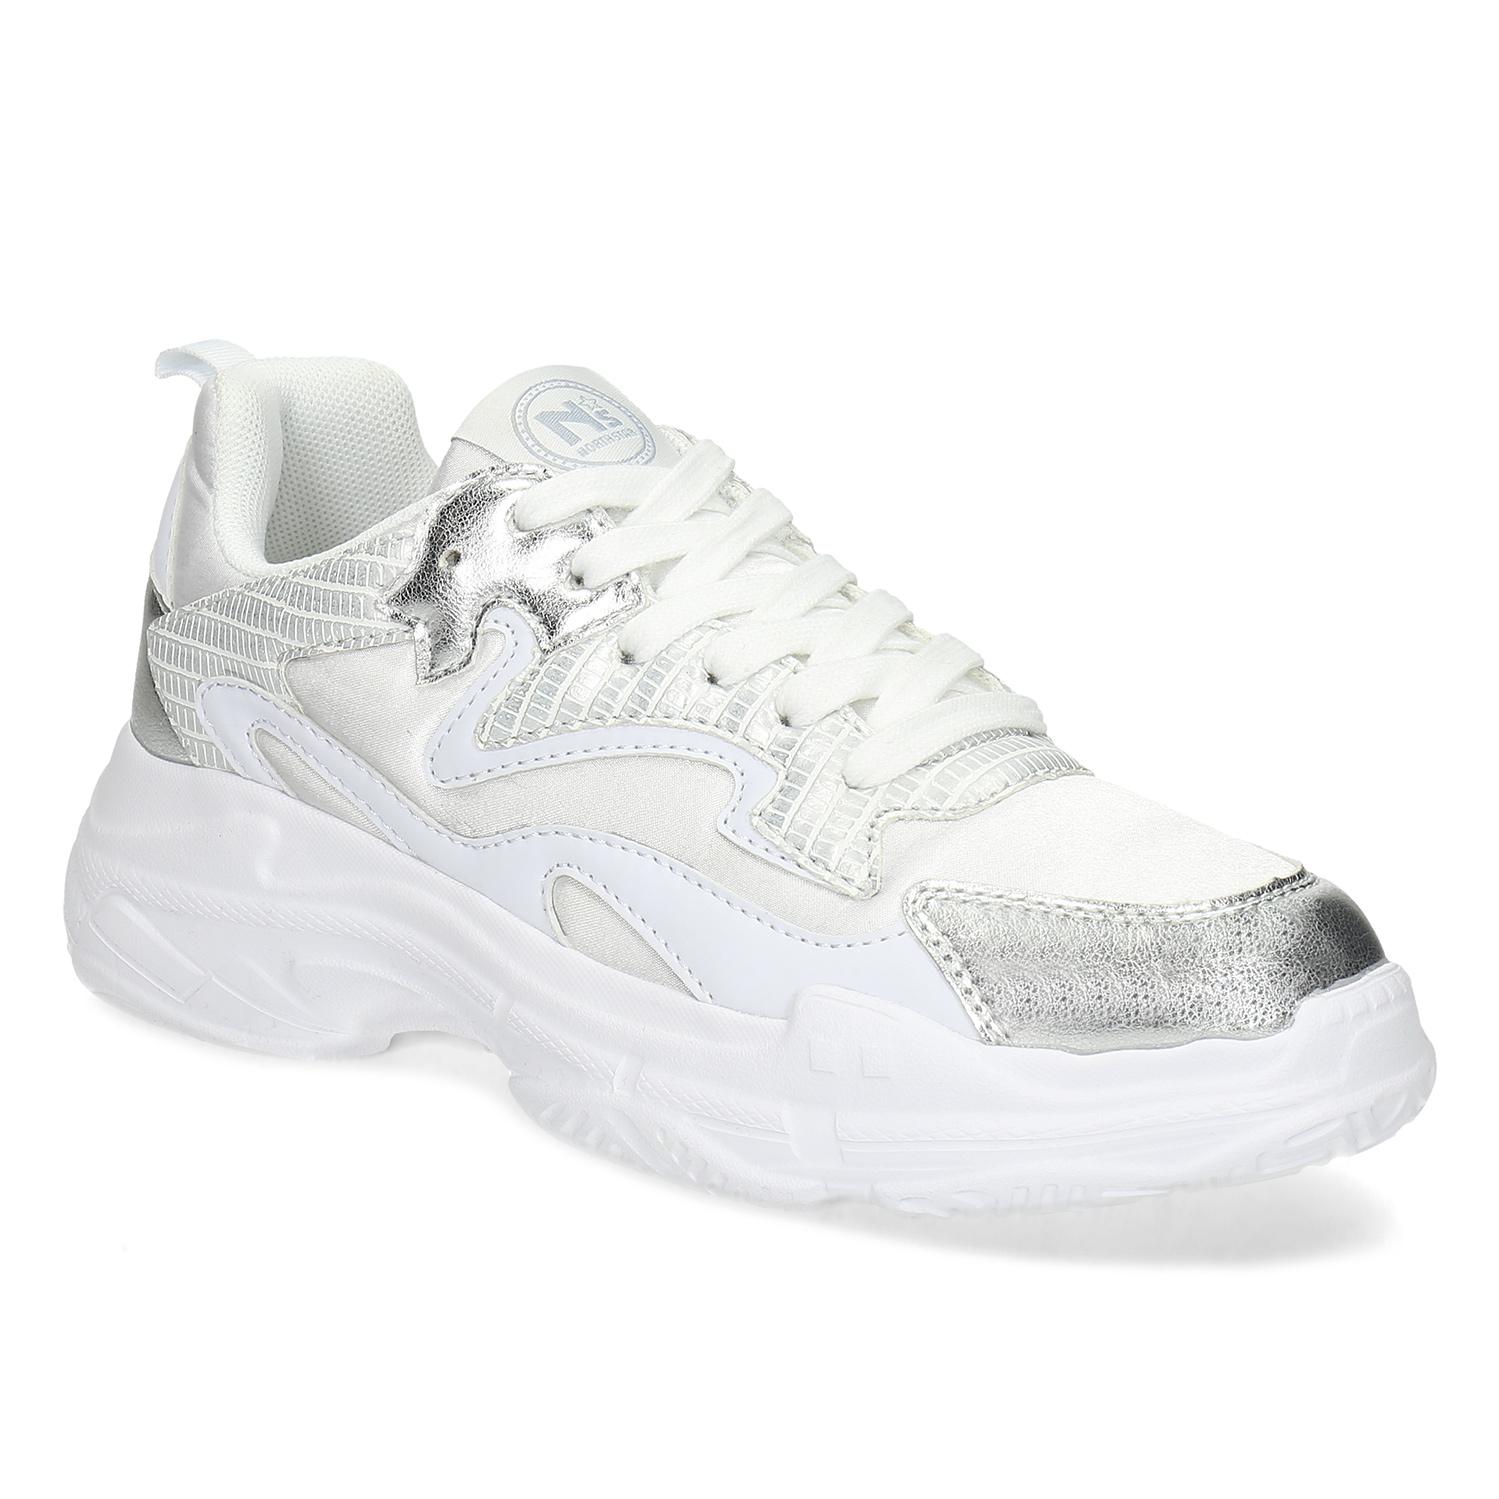 Bílé dámské tenisky se stříbrnými detaily